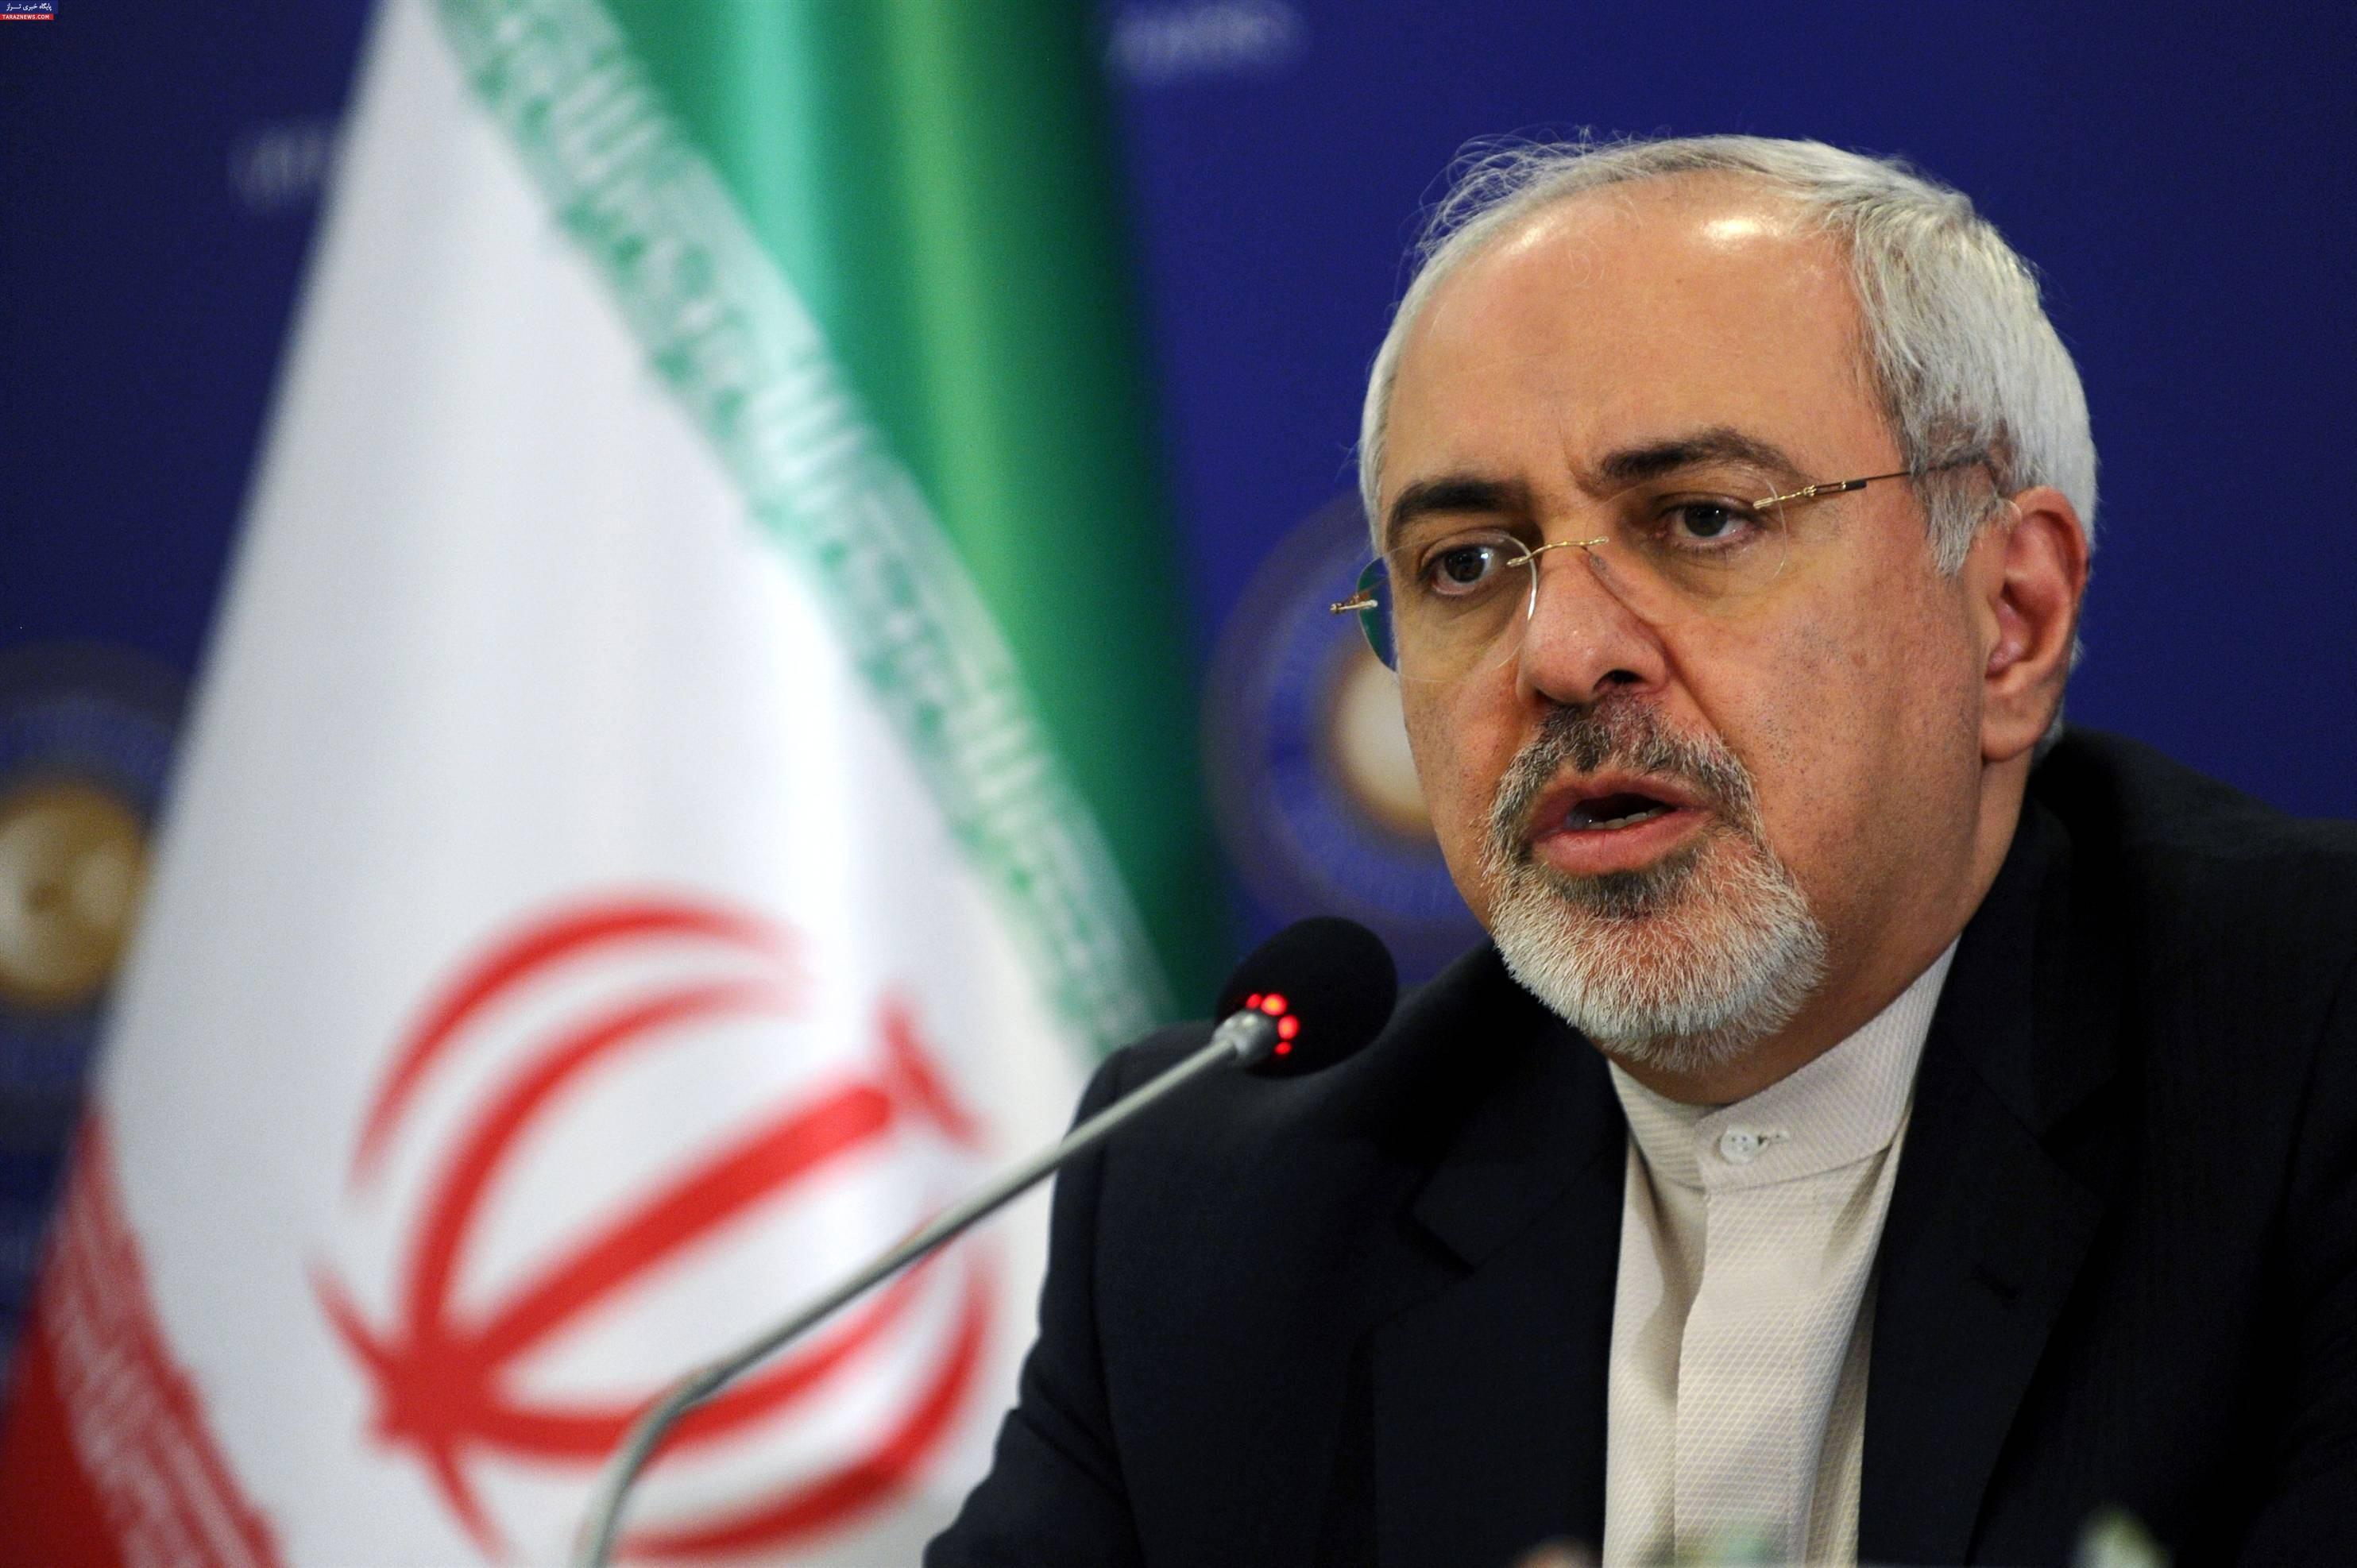 اگر فداکاریهای ایران و مدافعان حرم نبود، الان دولت داعش در دمشق و بغداد مستقر بود